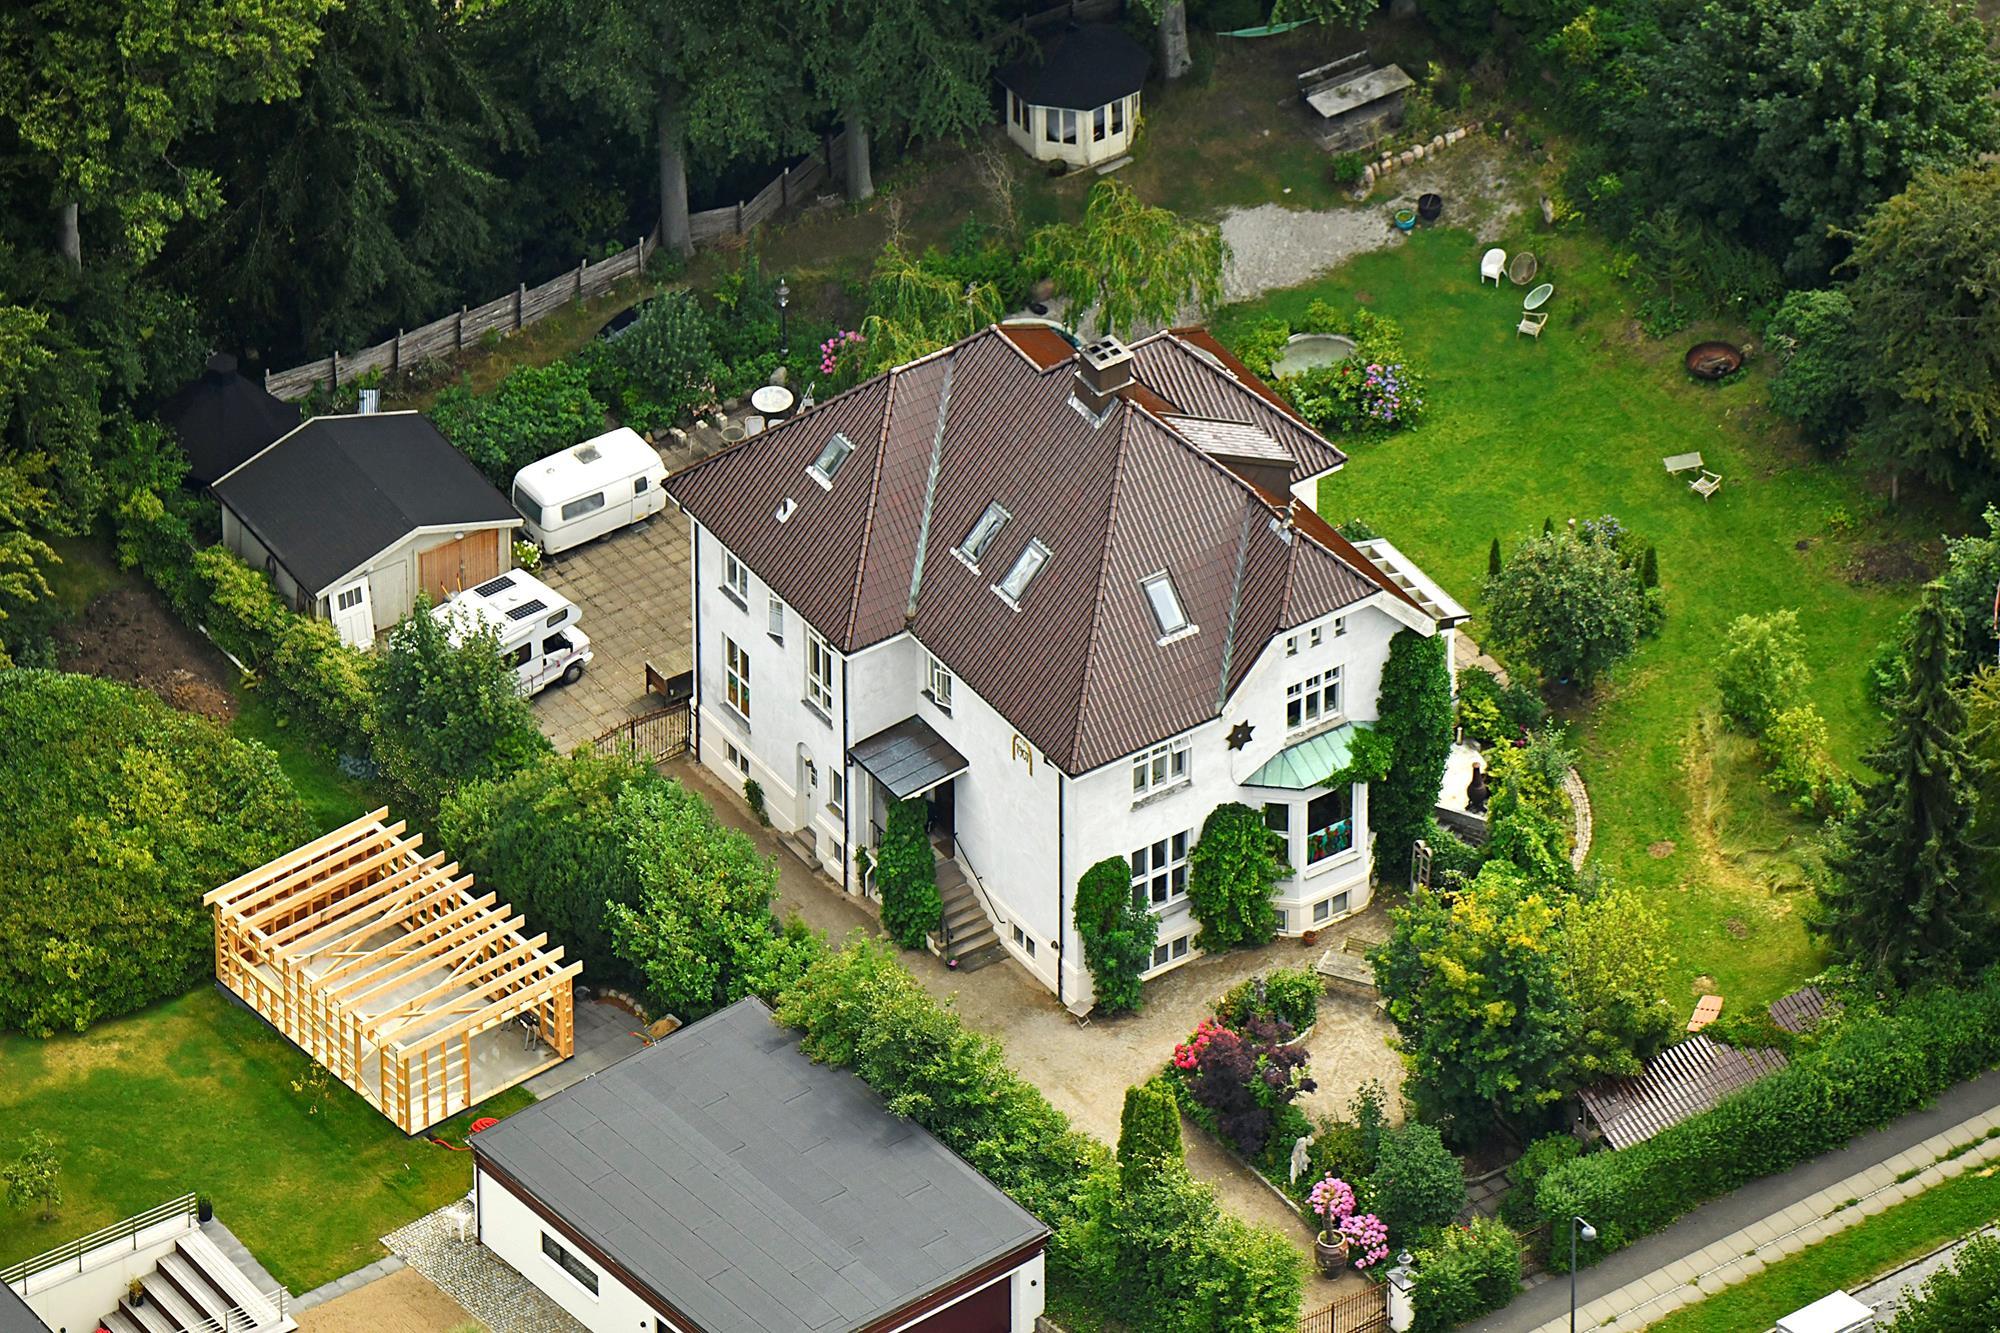 Dyreste villa til salg i Aarhus lige nu: Kæmpevilla til 38 millioner